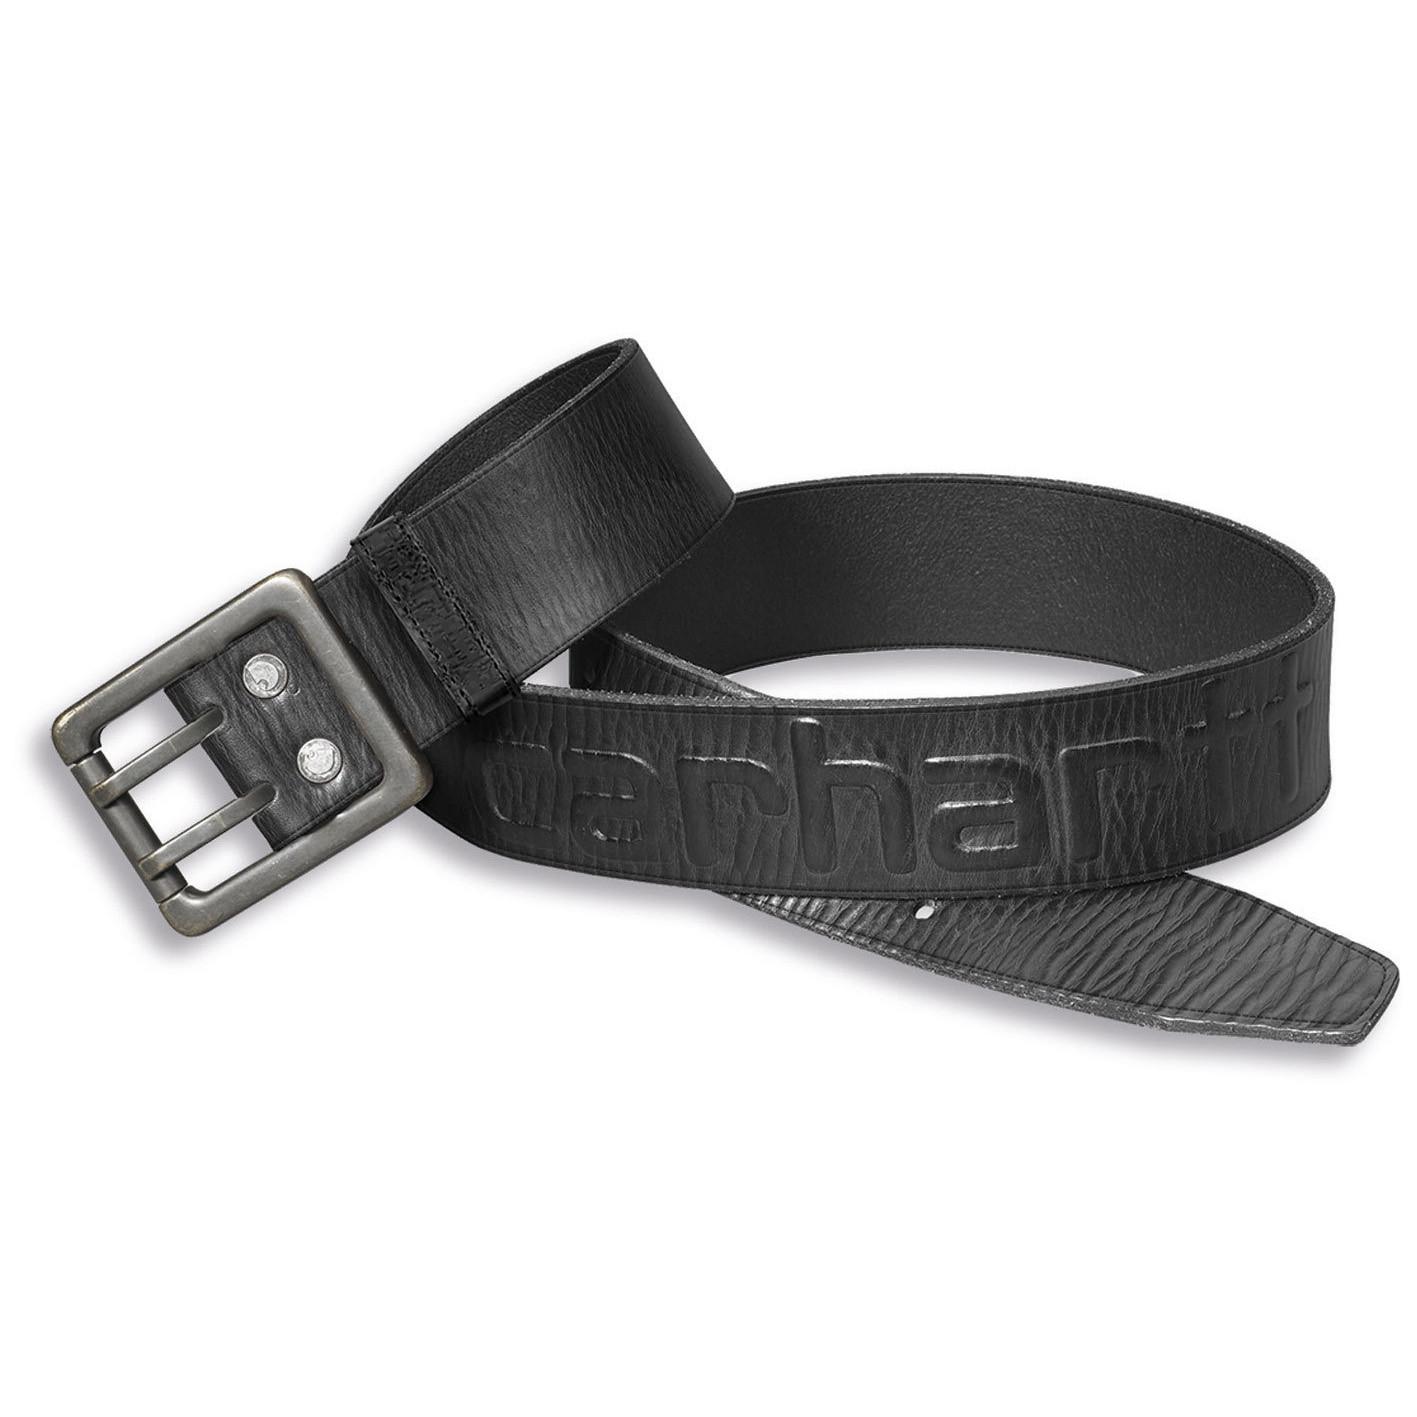 Ремень кожаный Carhartt Logo Belt - 2217 (Black, W38)